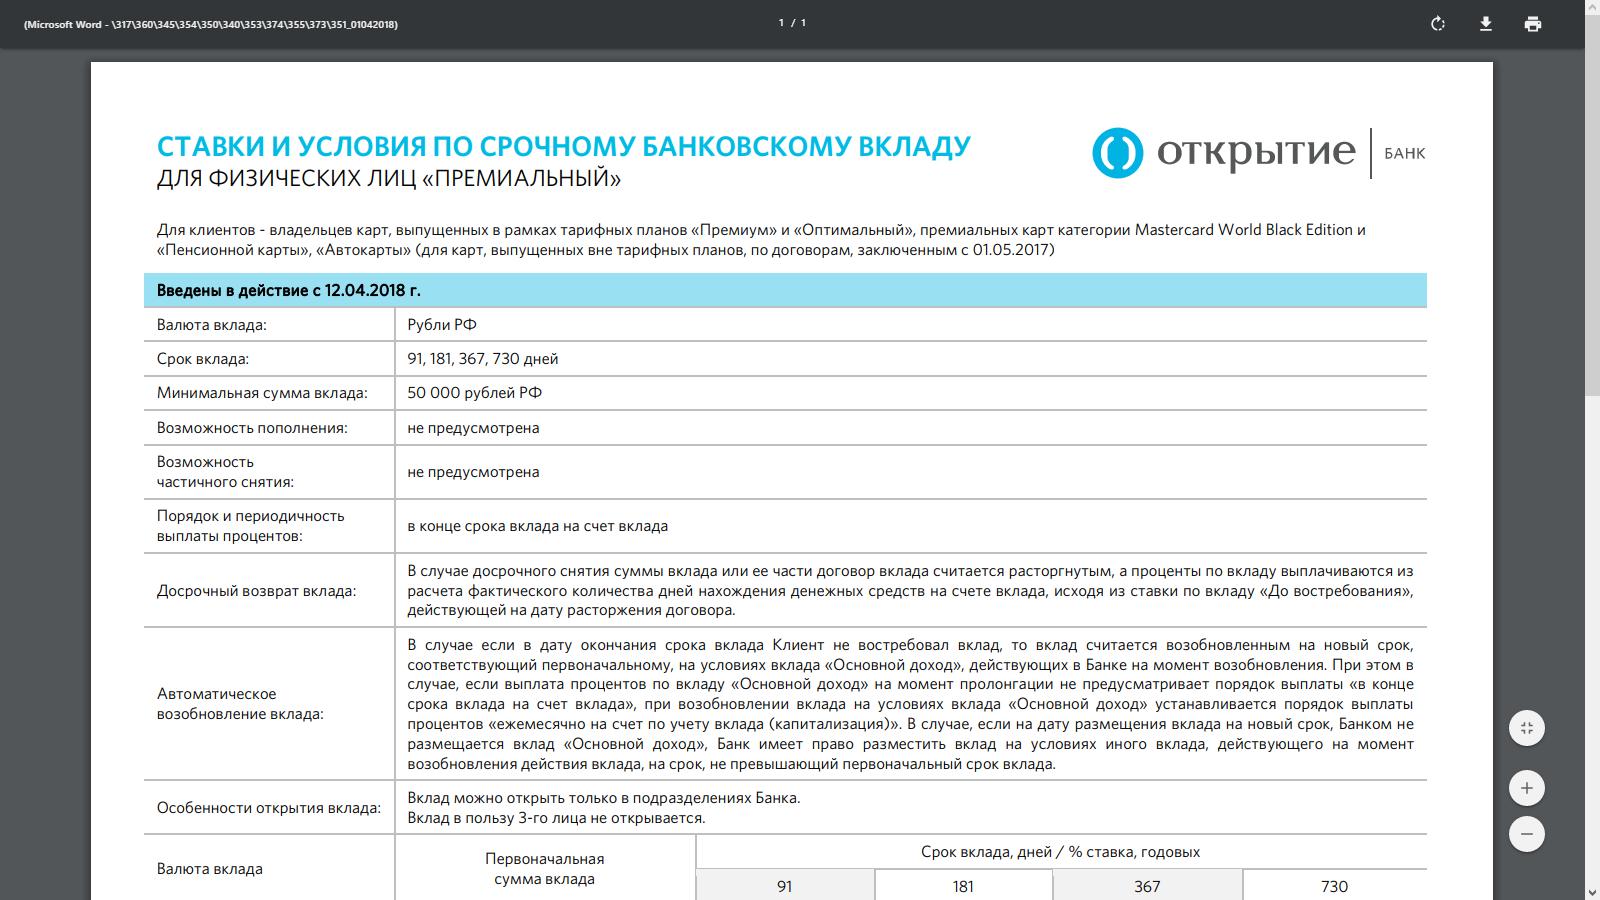 Тарифы банка Открытия по вкладу для физических лиц «Премиальный»: